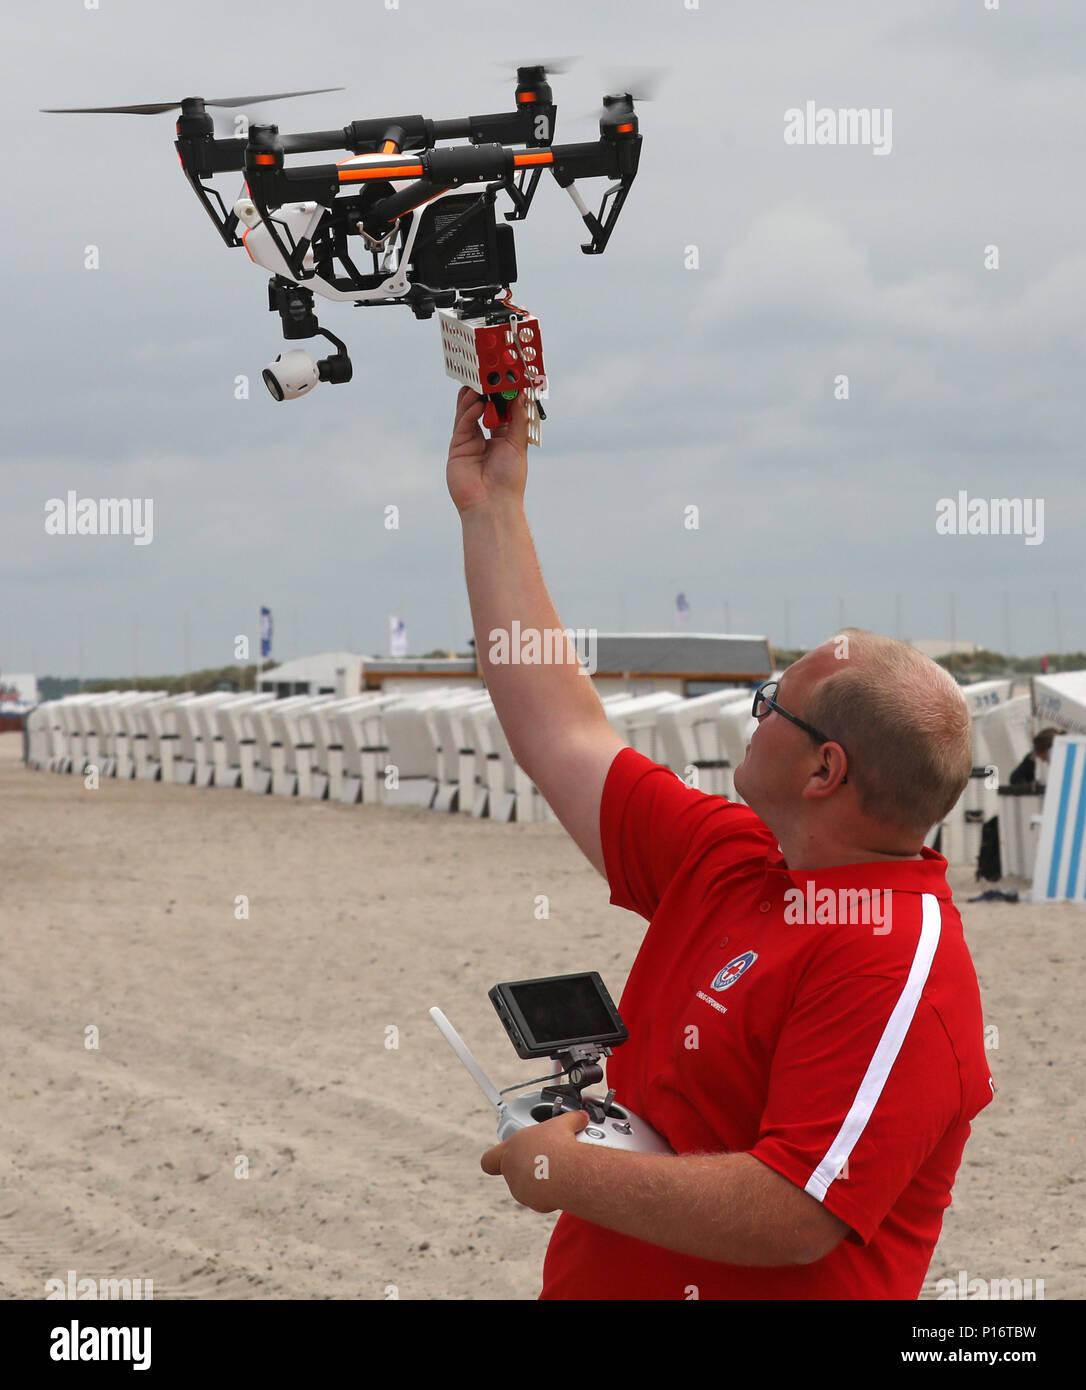 photos de drones